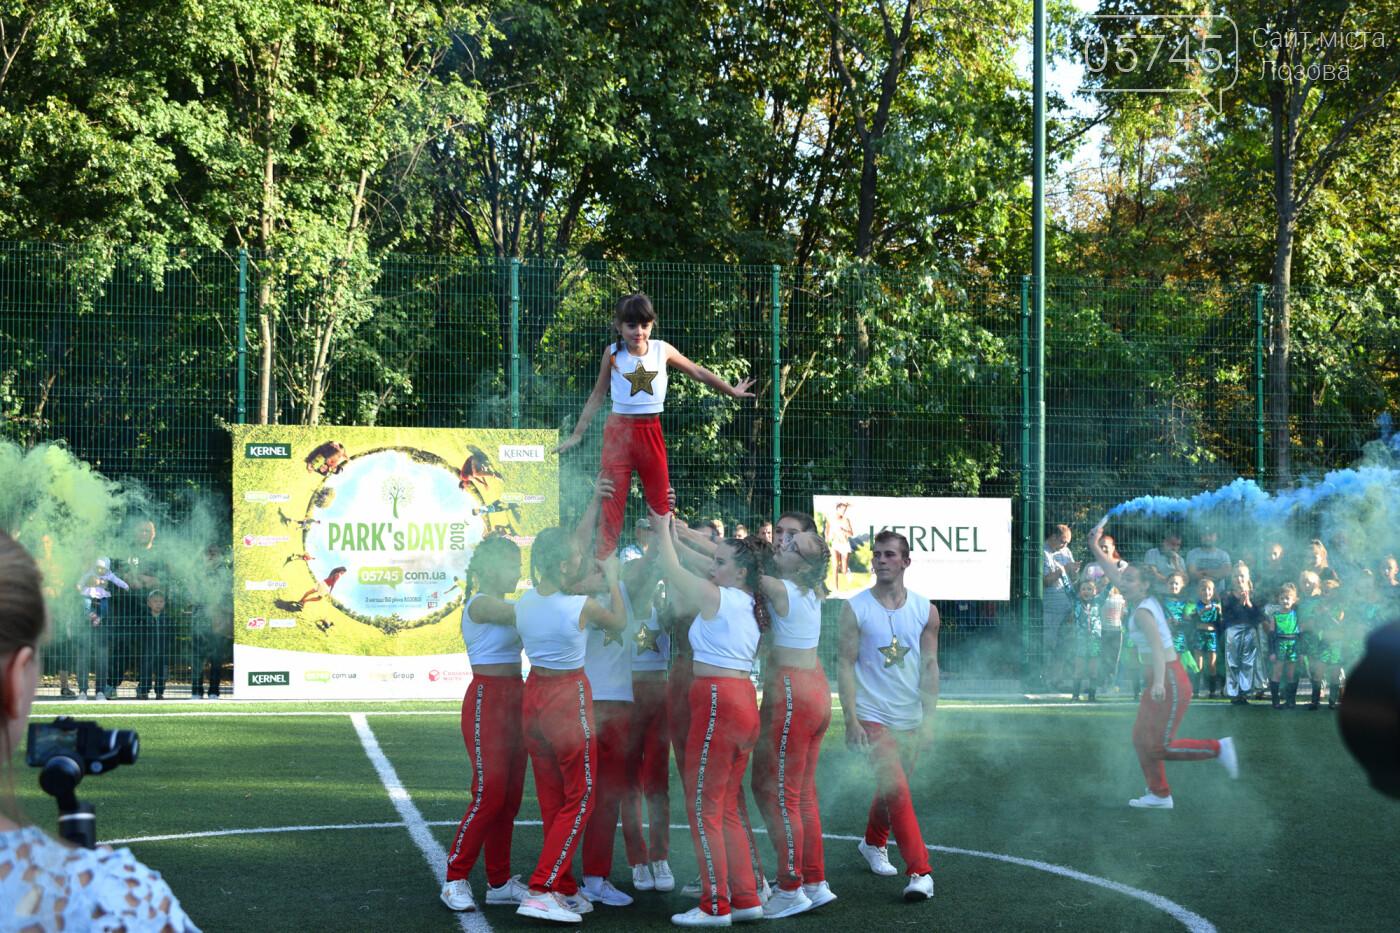 """Море драйва и зрелищ! В Лозовой состоялся первый спортивно-развлекательный фестиваль """"Park's Day"""", фото-11"""